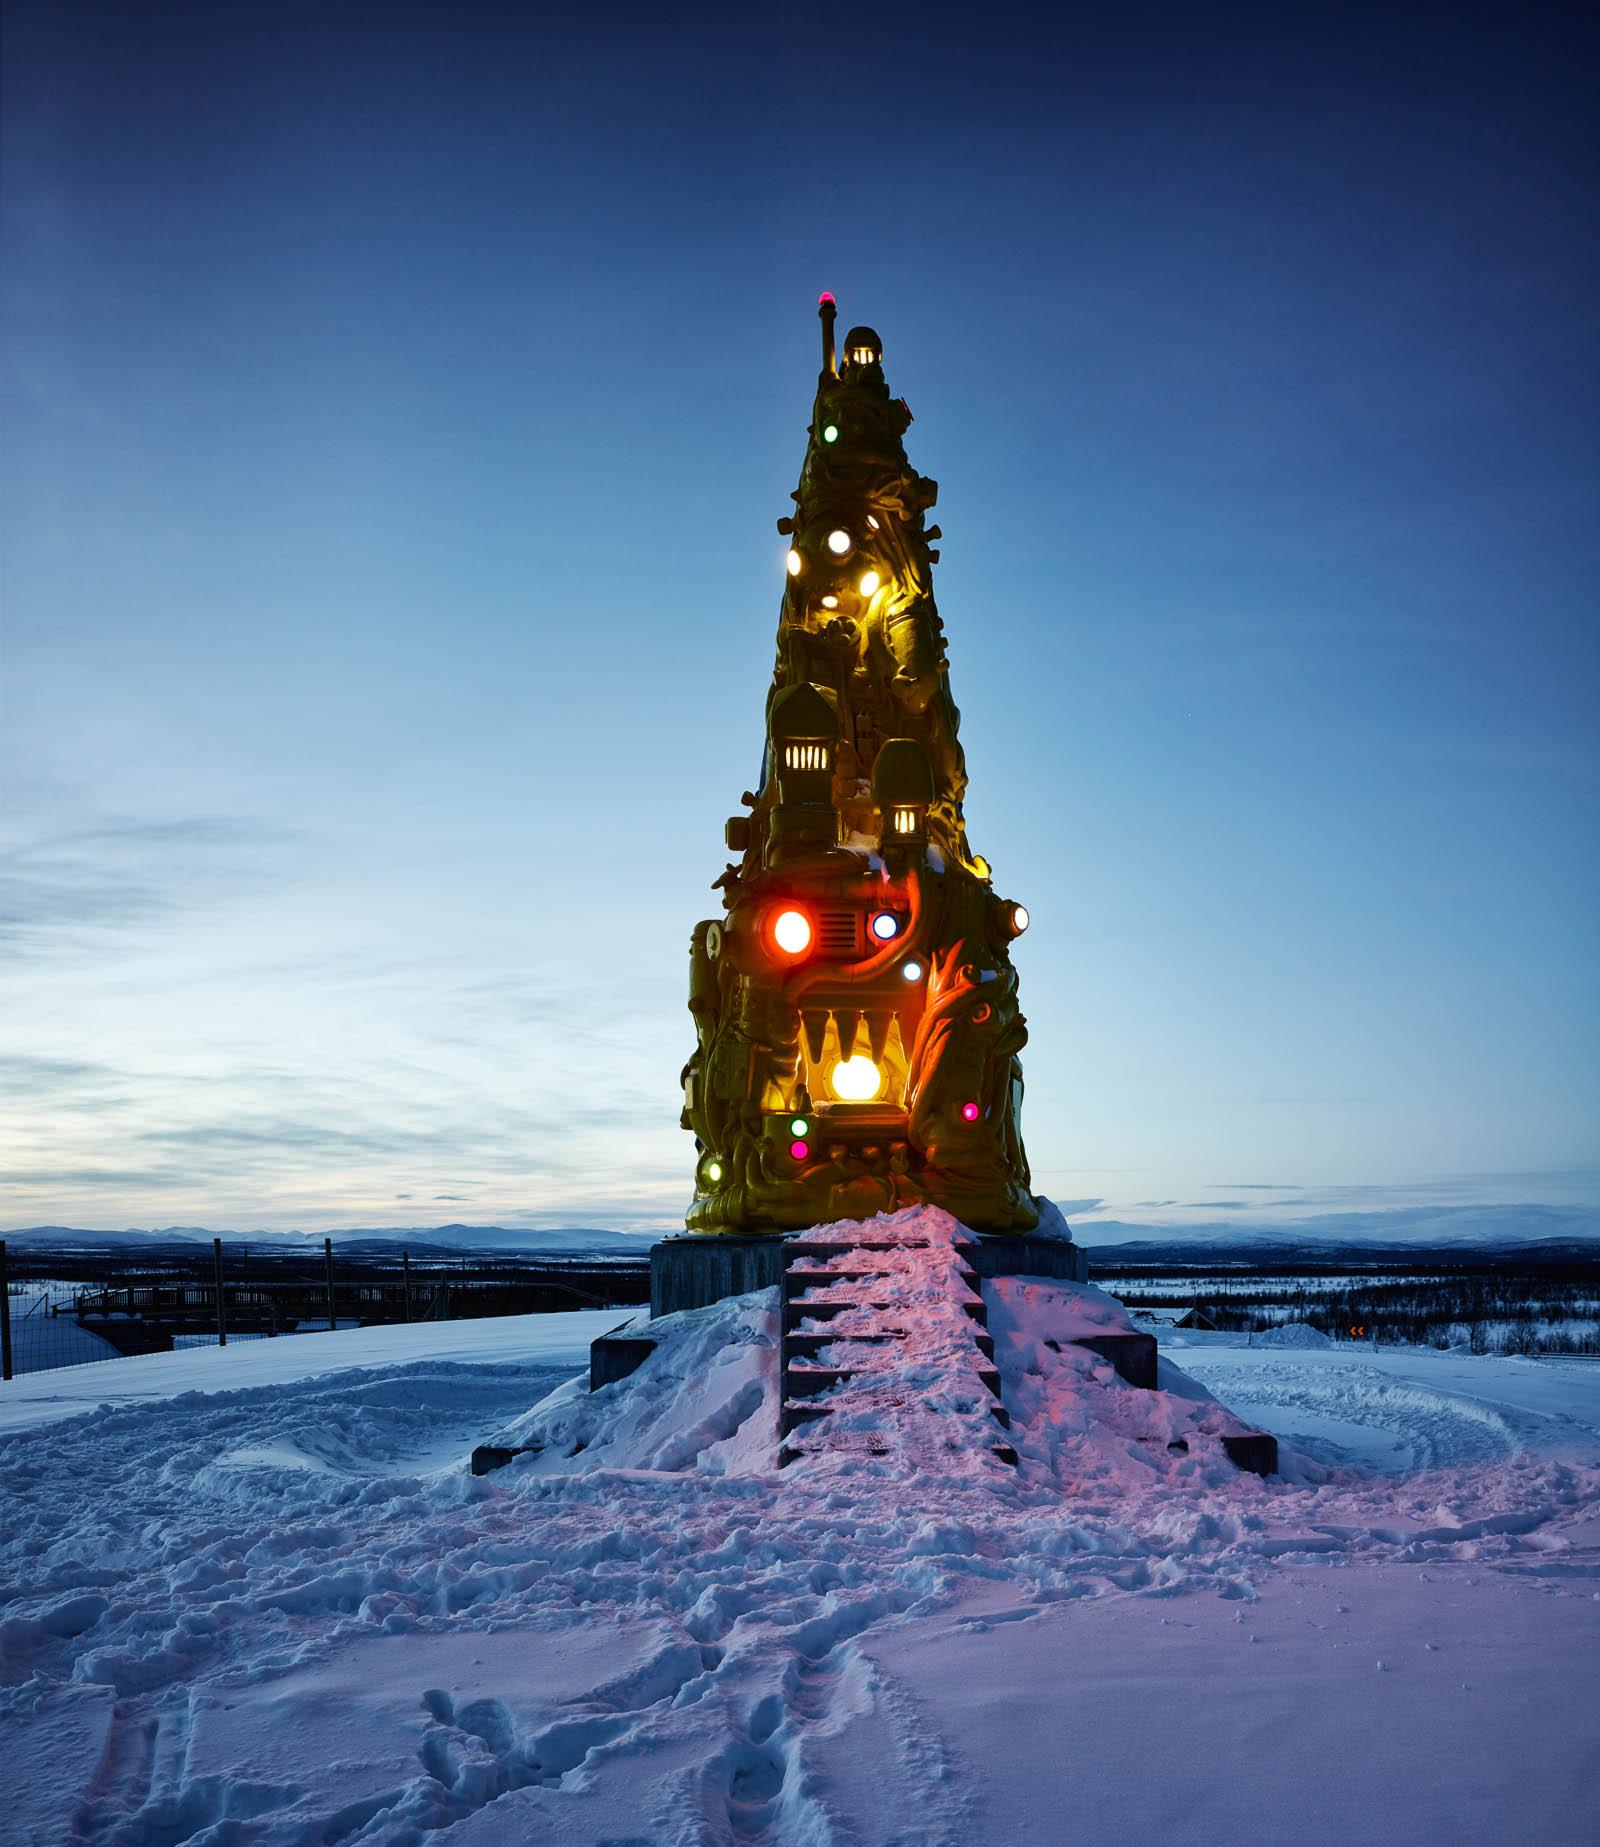 På natten lyser skulpturen i olika färger. Oskar Aglert, Totem.